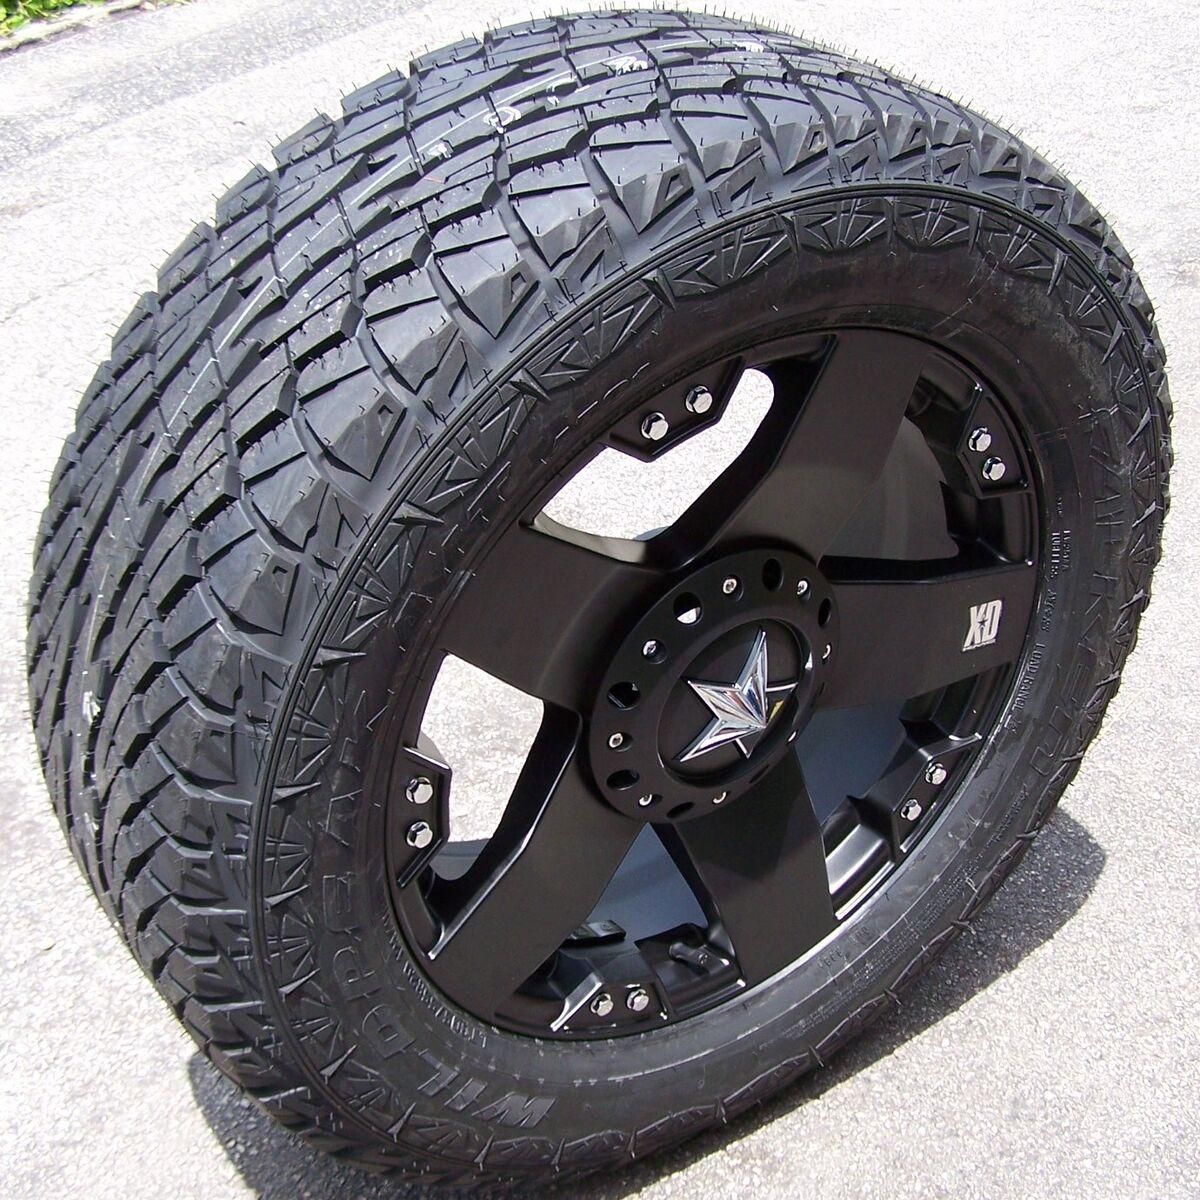 20 Black Rockstar Wheels Falken Wild Peak at Tires Chevy Silverado